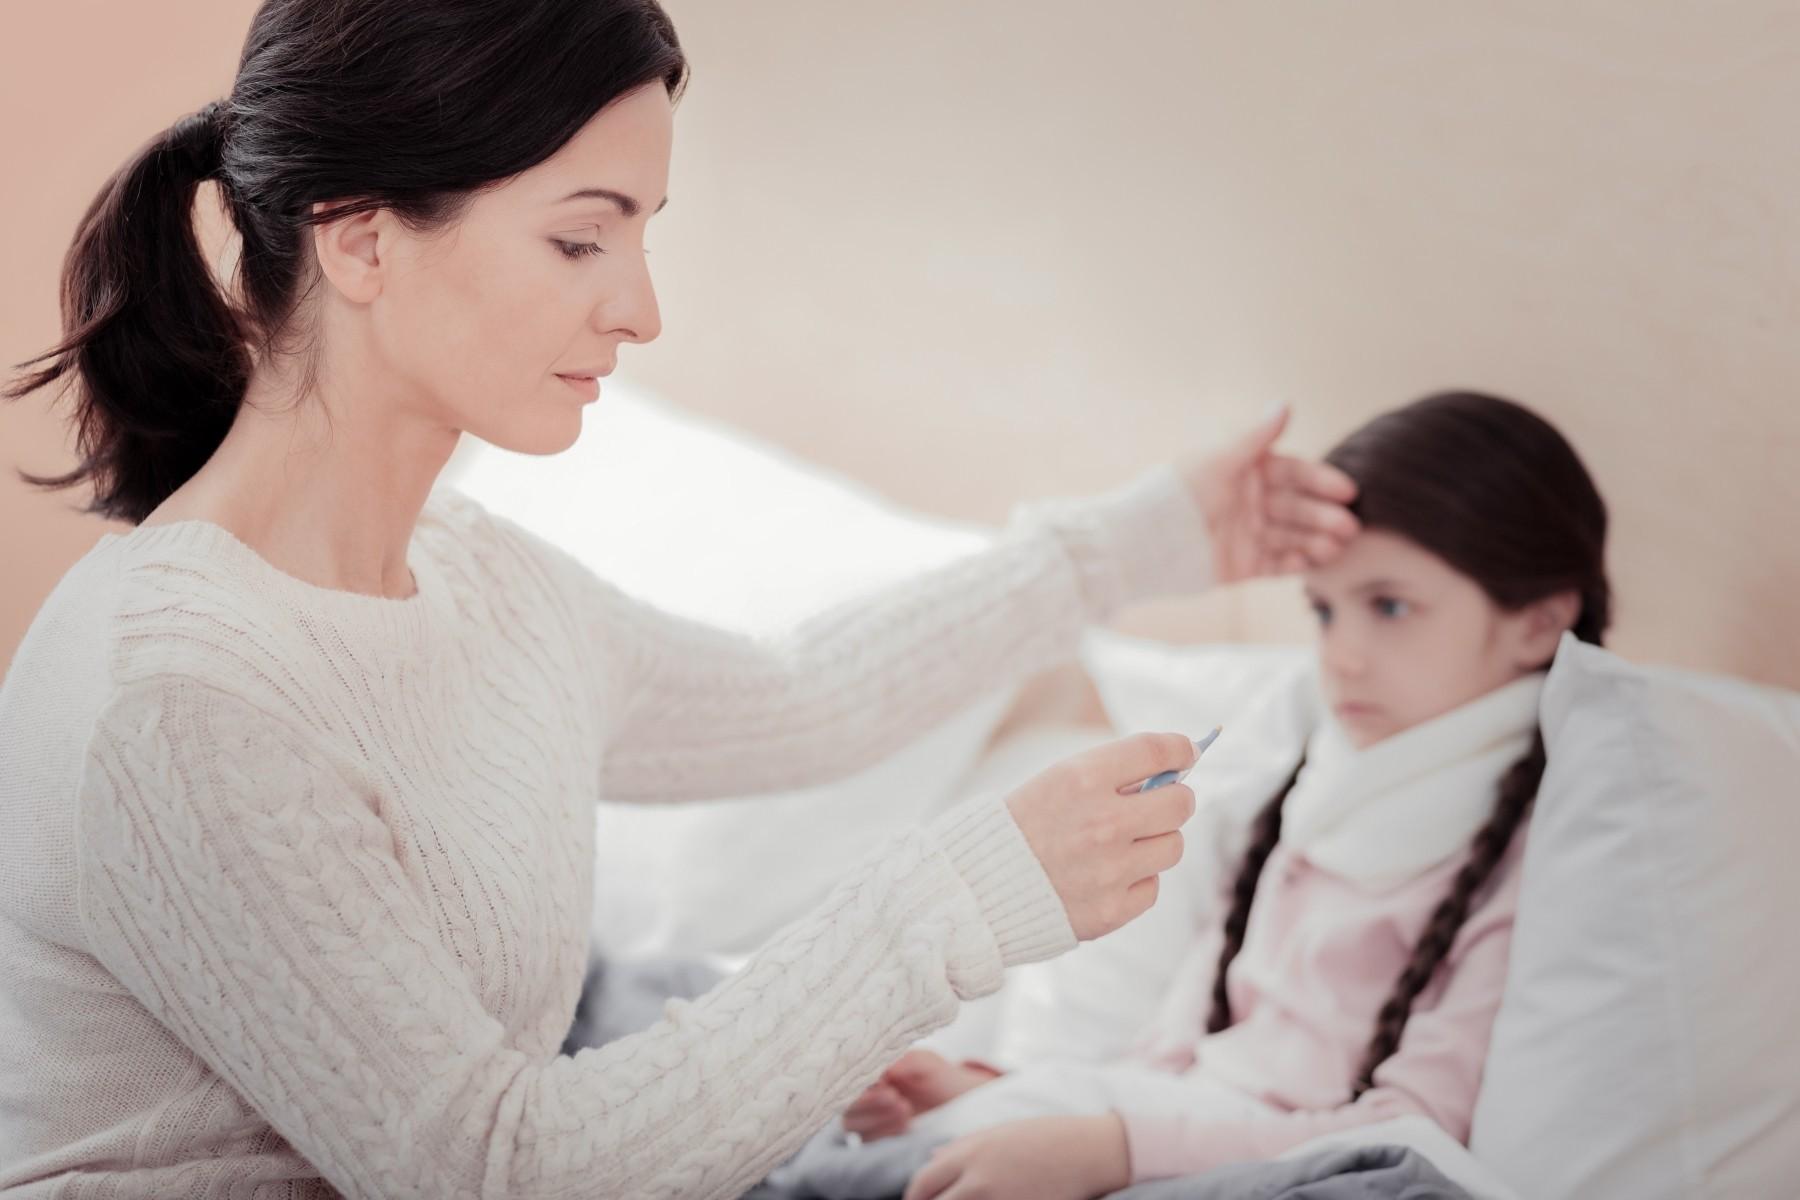 У ребенка ОРВИ. Что нужно знать маме?